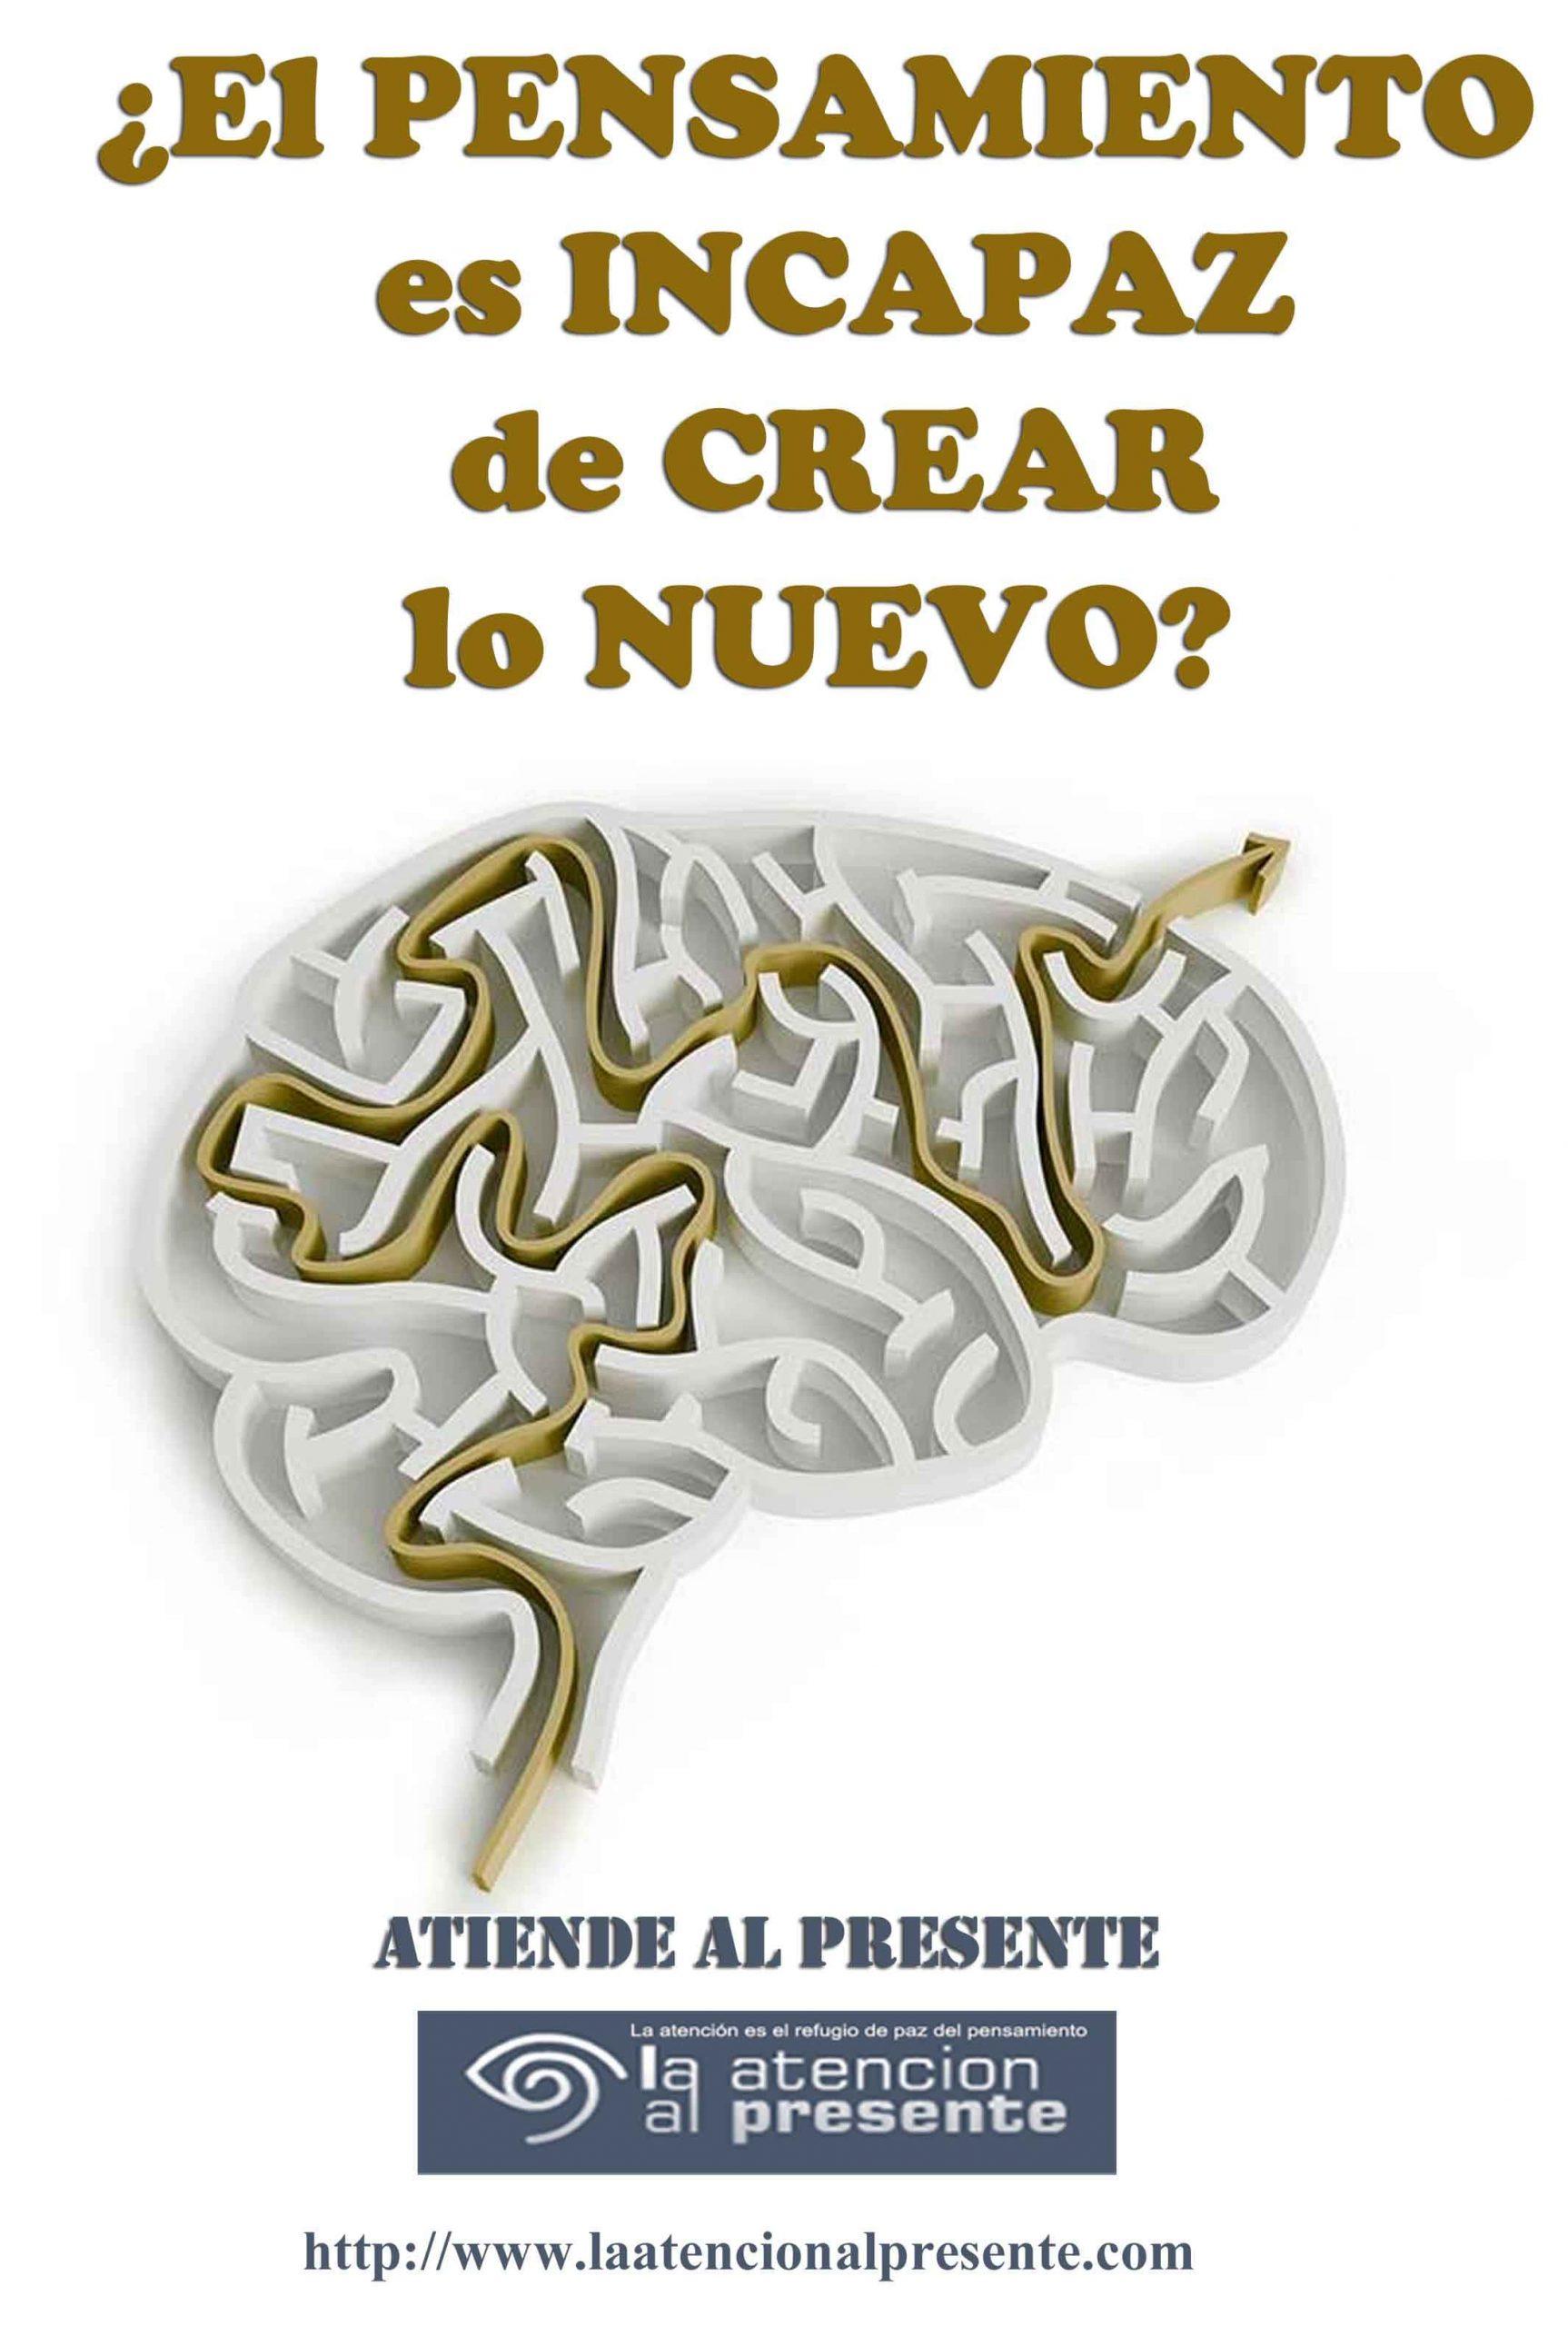 23 de mayo Esteban El PENSAMIENTO es INCAPAZ de CREAR lo NUEVO min scaled